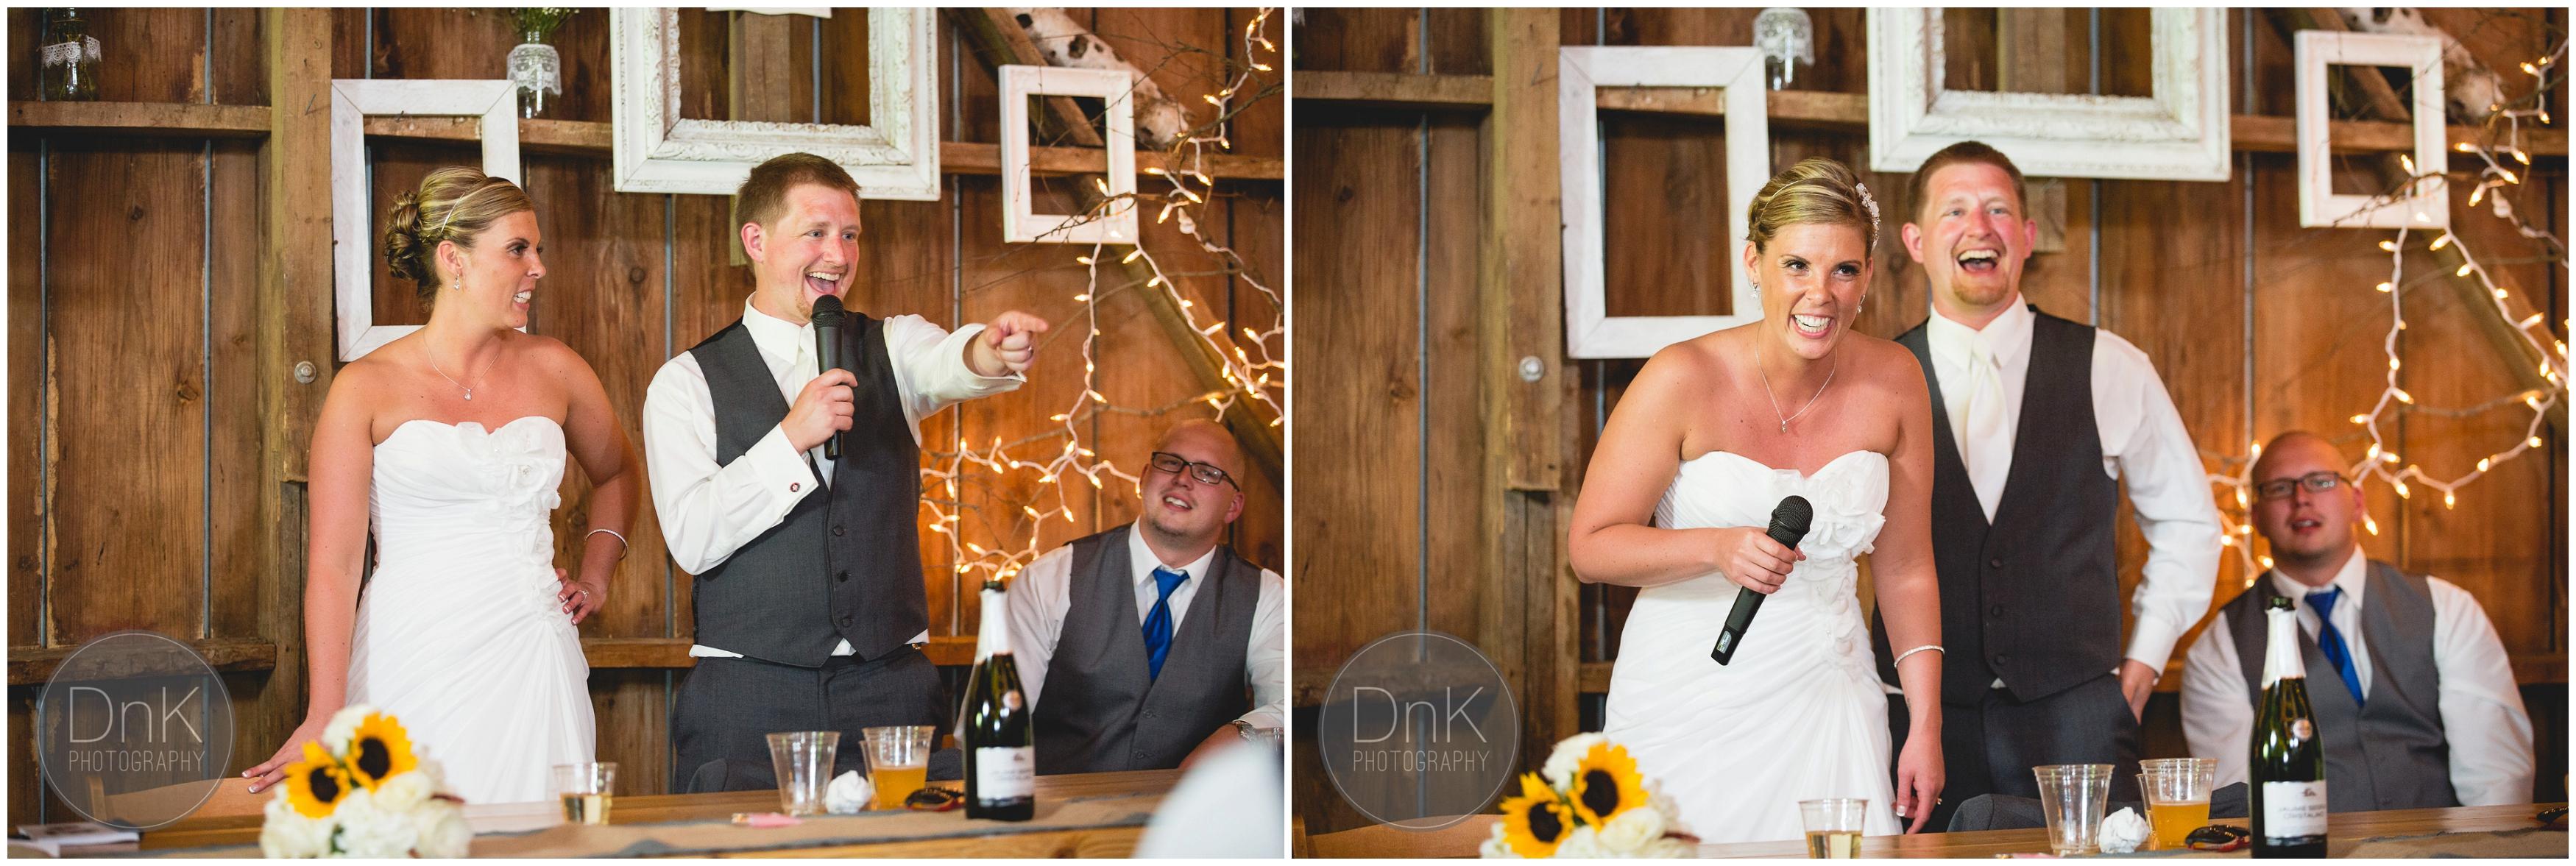 30- Dellwood Barn Wedding Reception